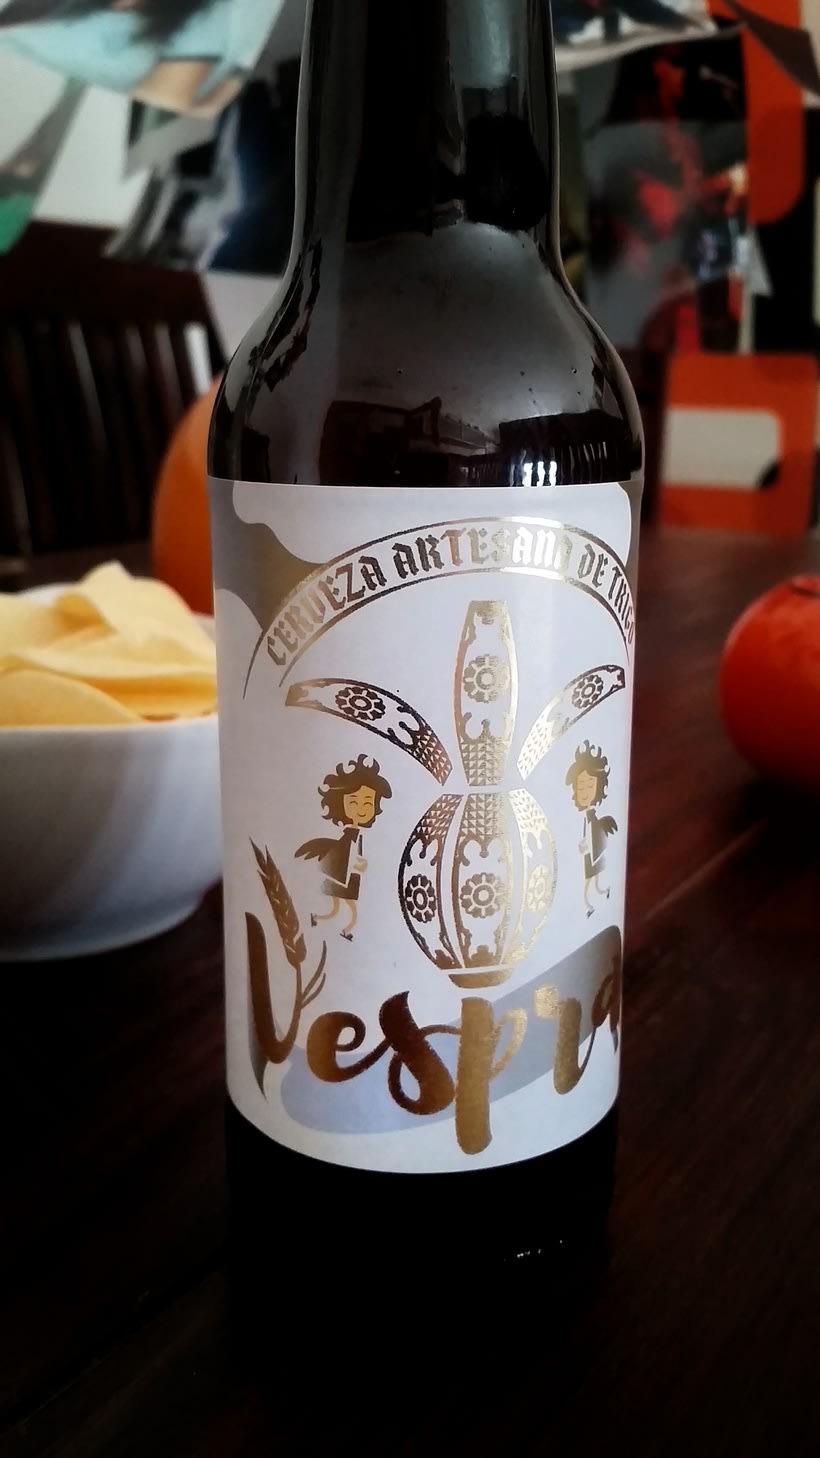 Vespra. Cerveza artesana de trigo. 3